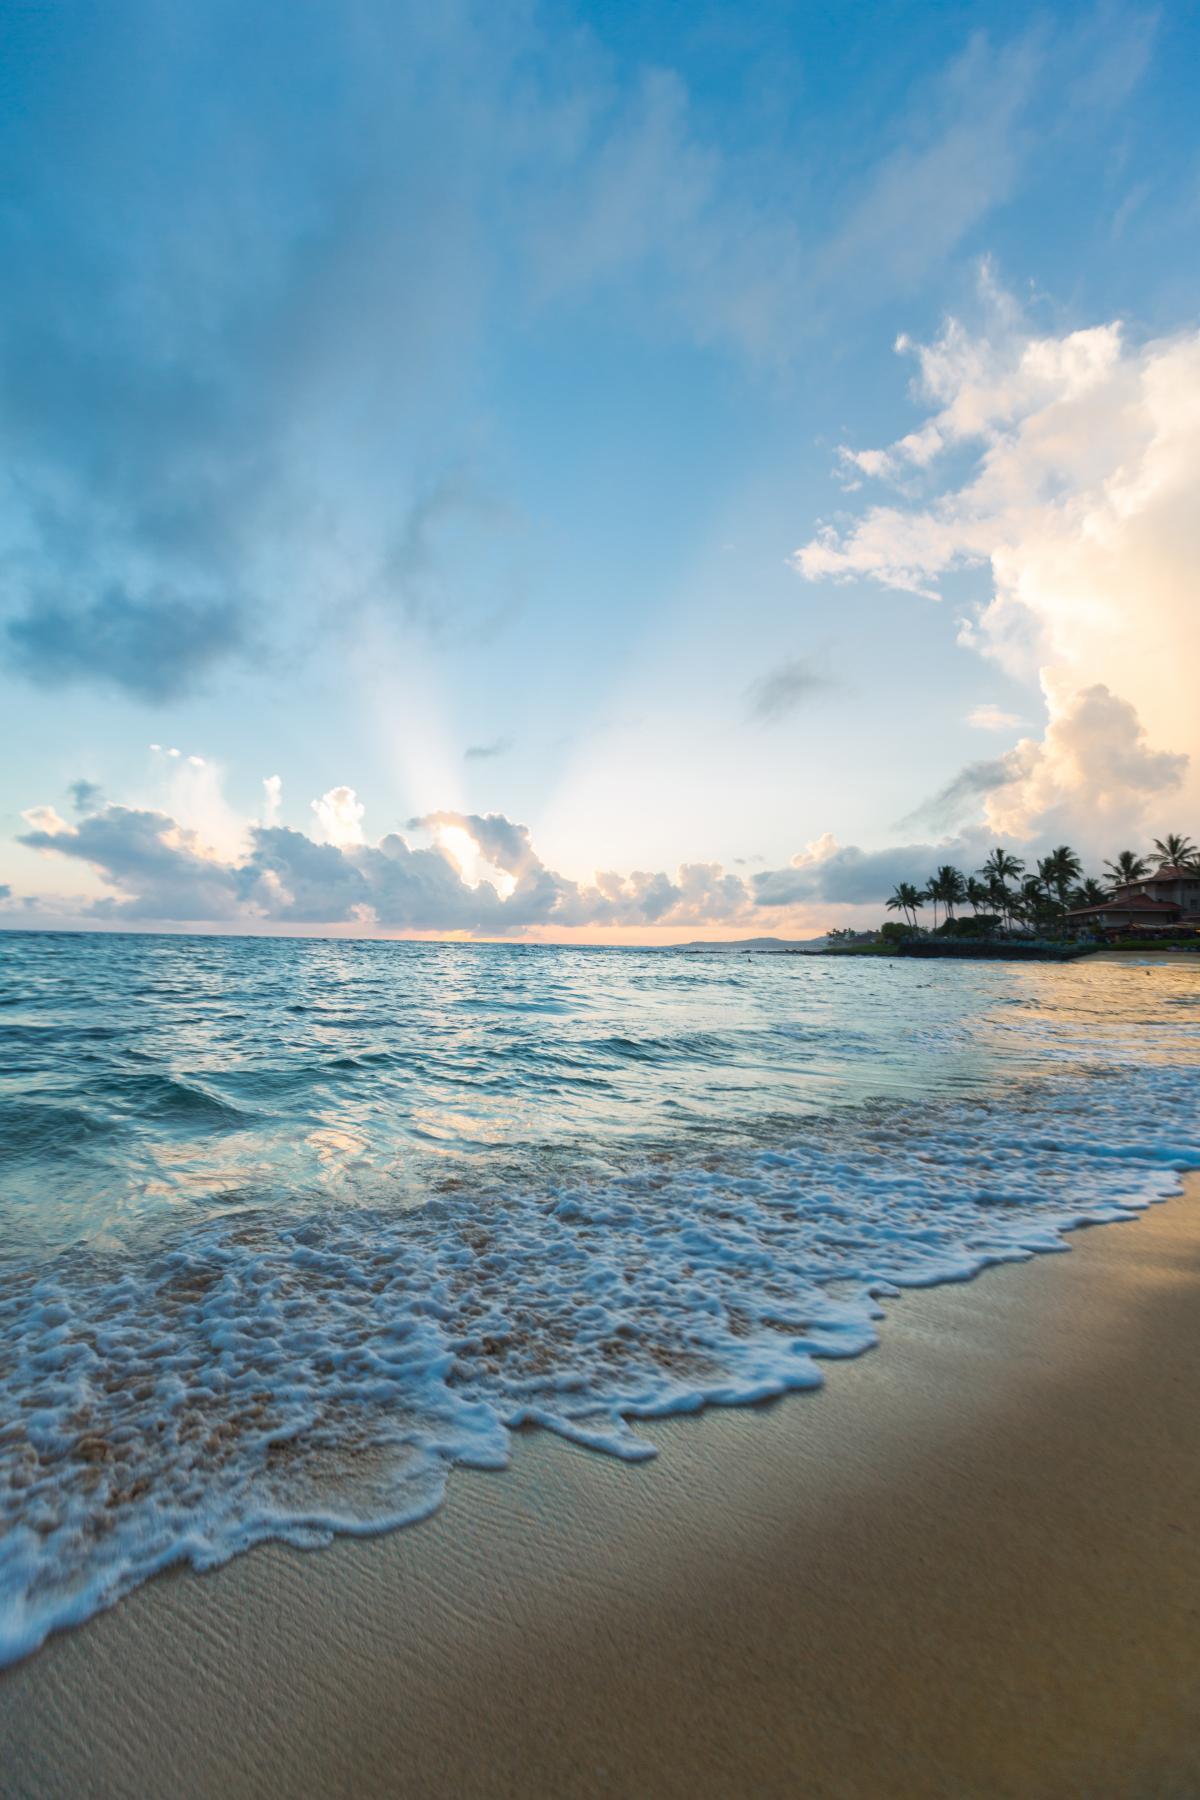 Beach Sea Ocean #245856